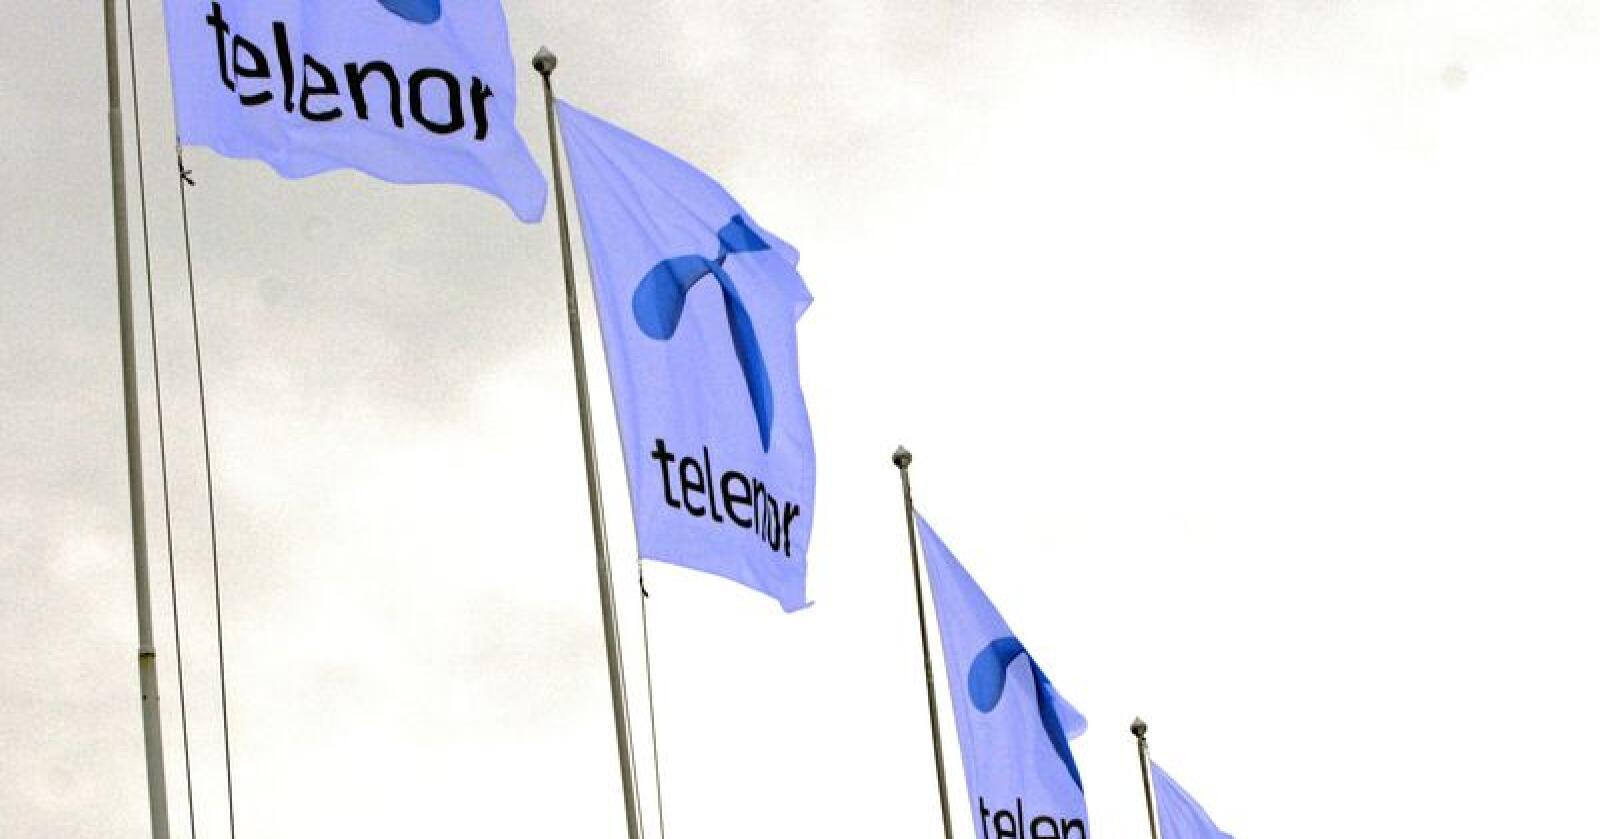 Droppar kopar: Telenor kjem til å avvikle det gamle koparnettet, og dermed mistar mange i distrikta tilgang til breiband. Foto: Kristoffer Nyblin Kaspersen / SCANPIX .